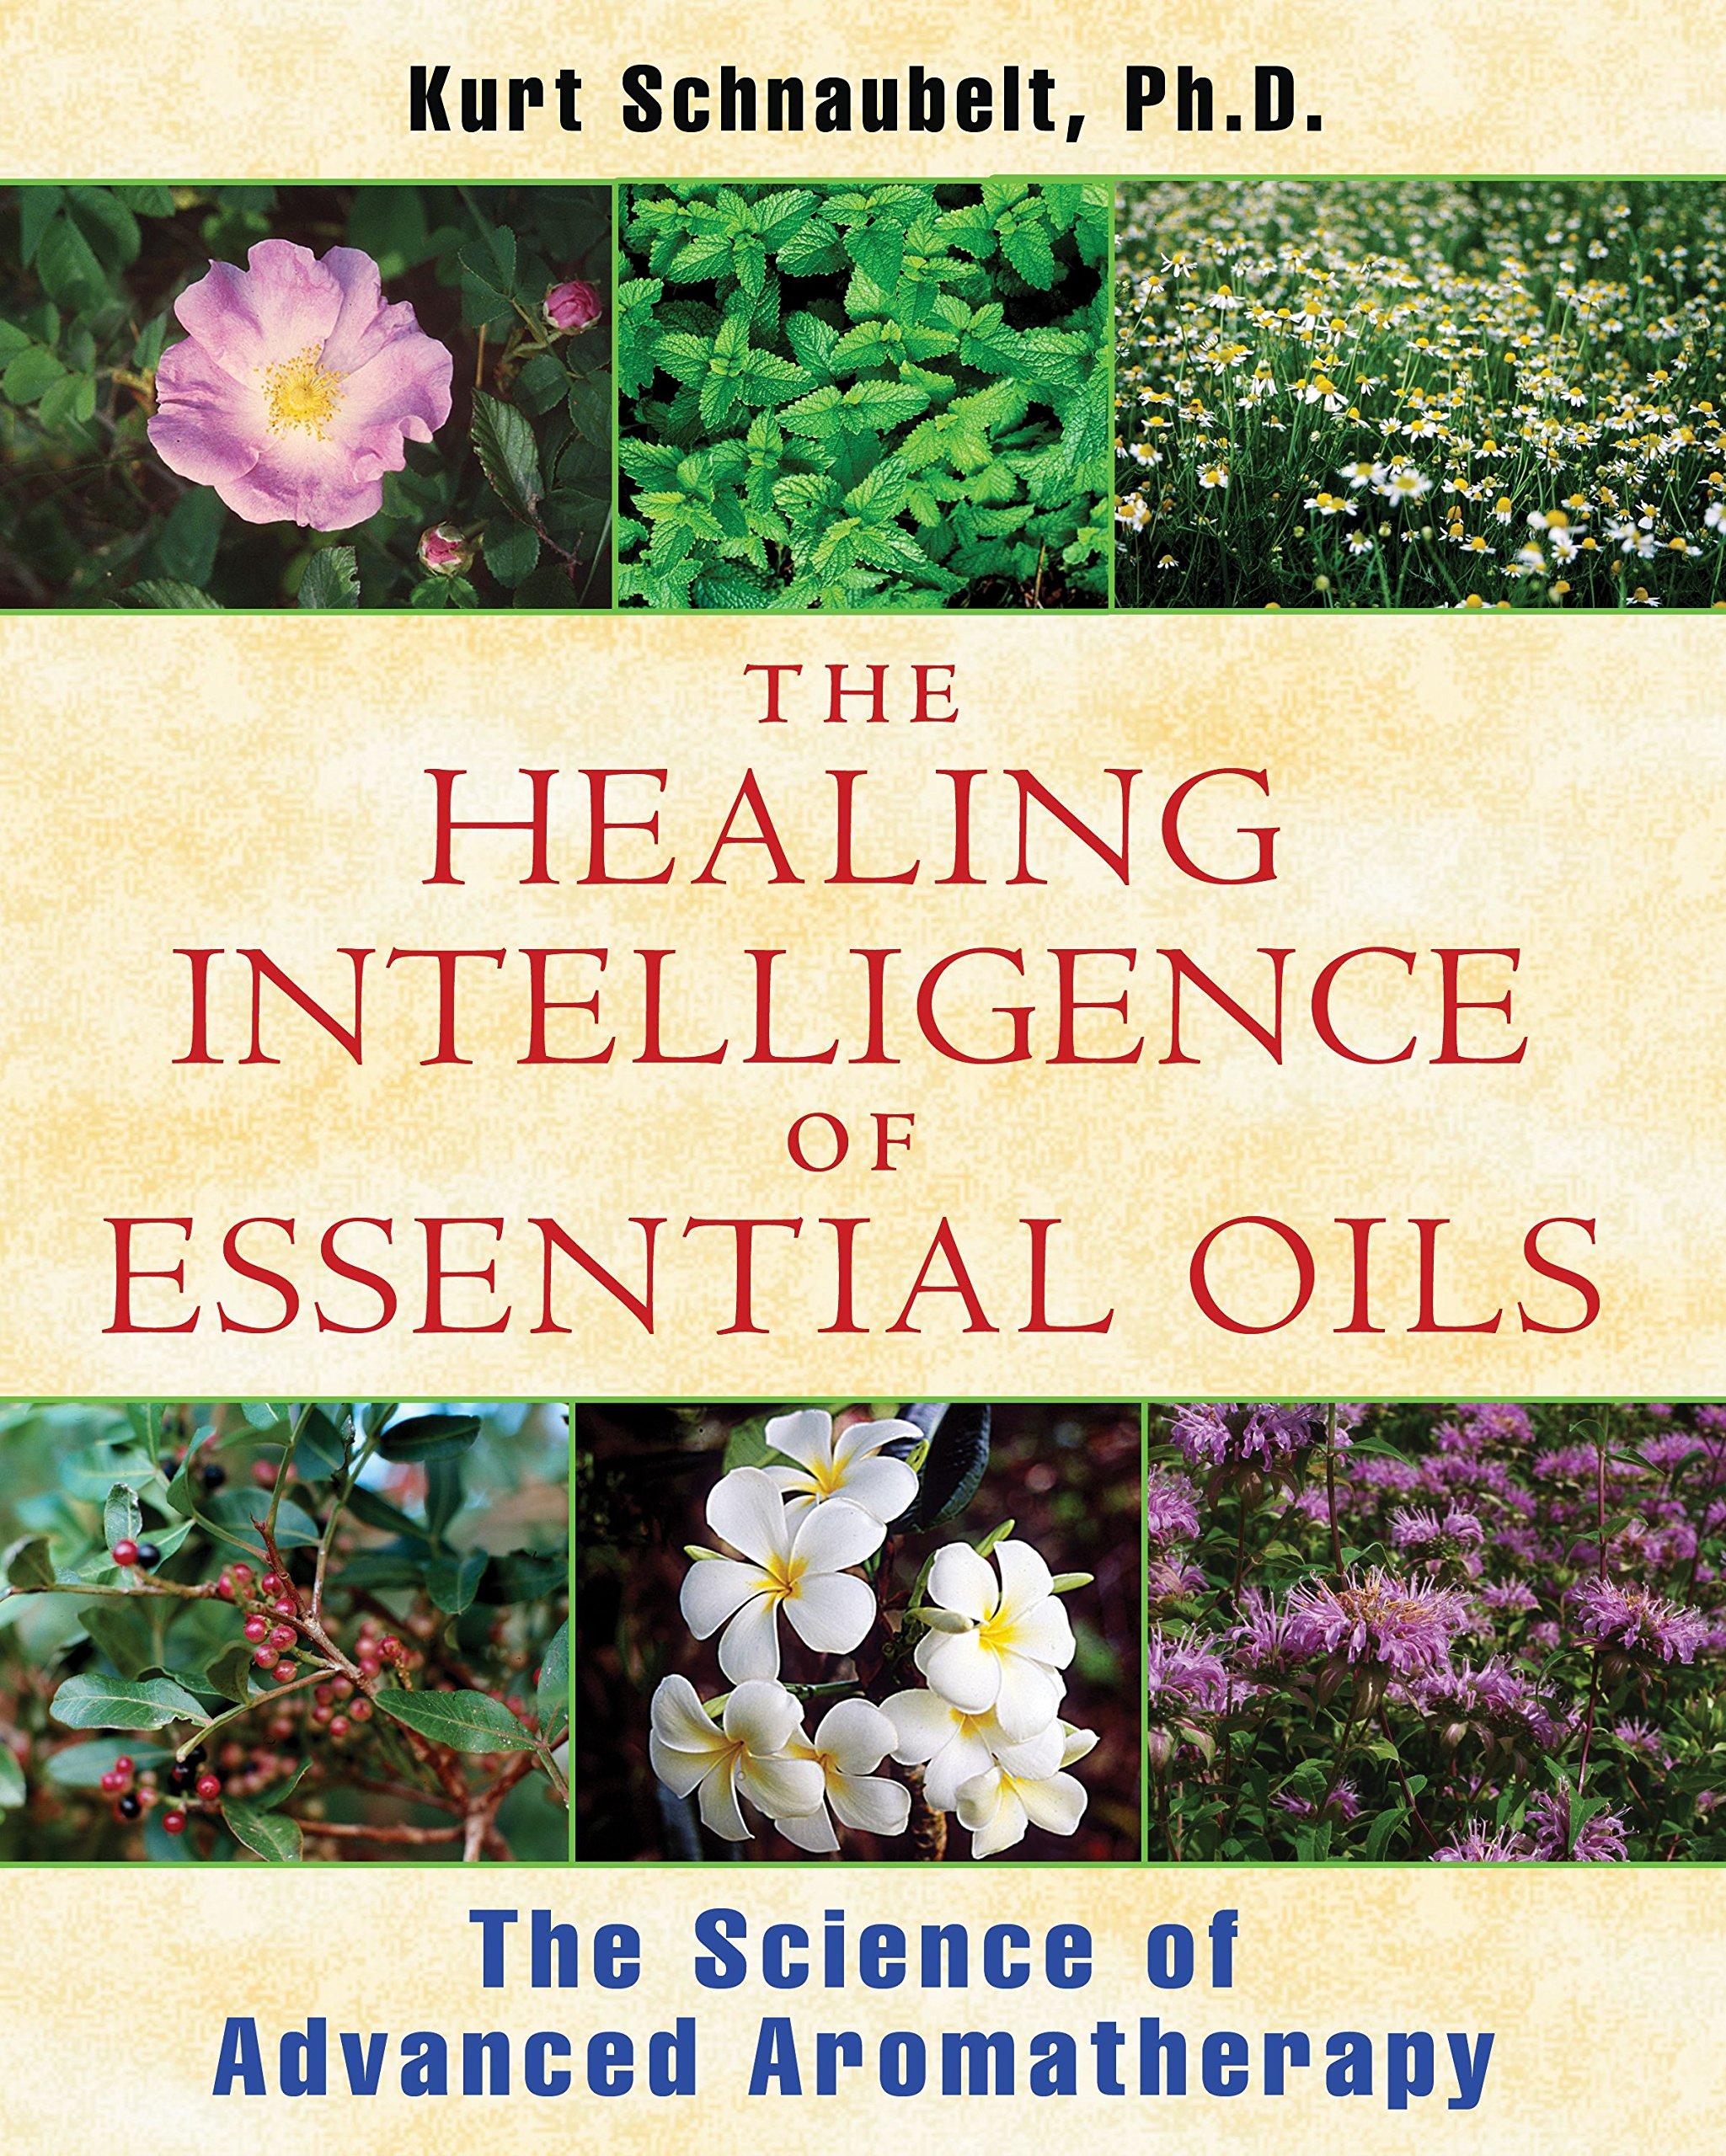 healing intelligence of essential oils.jpg